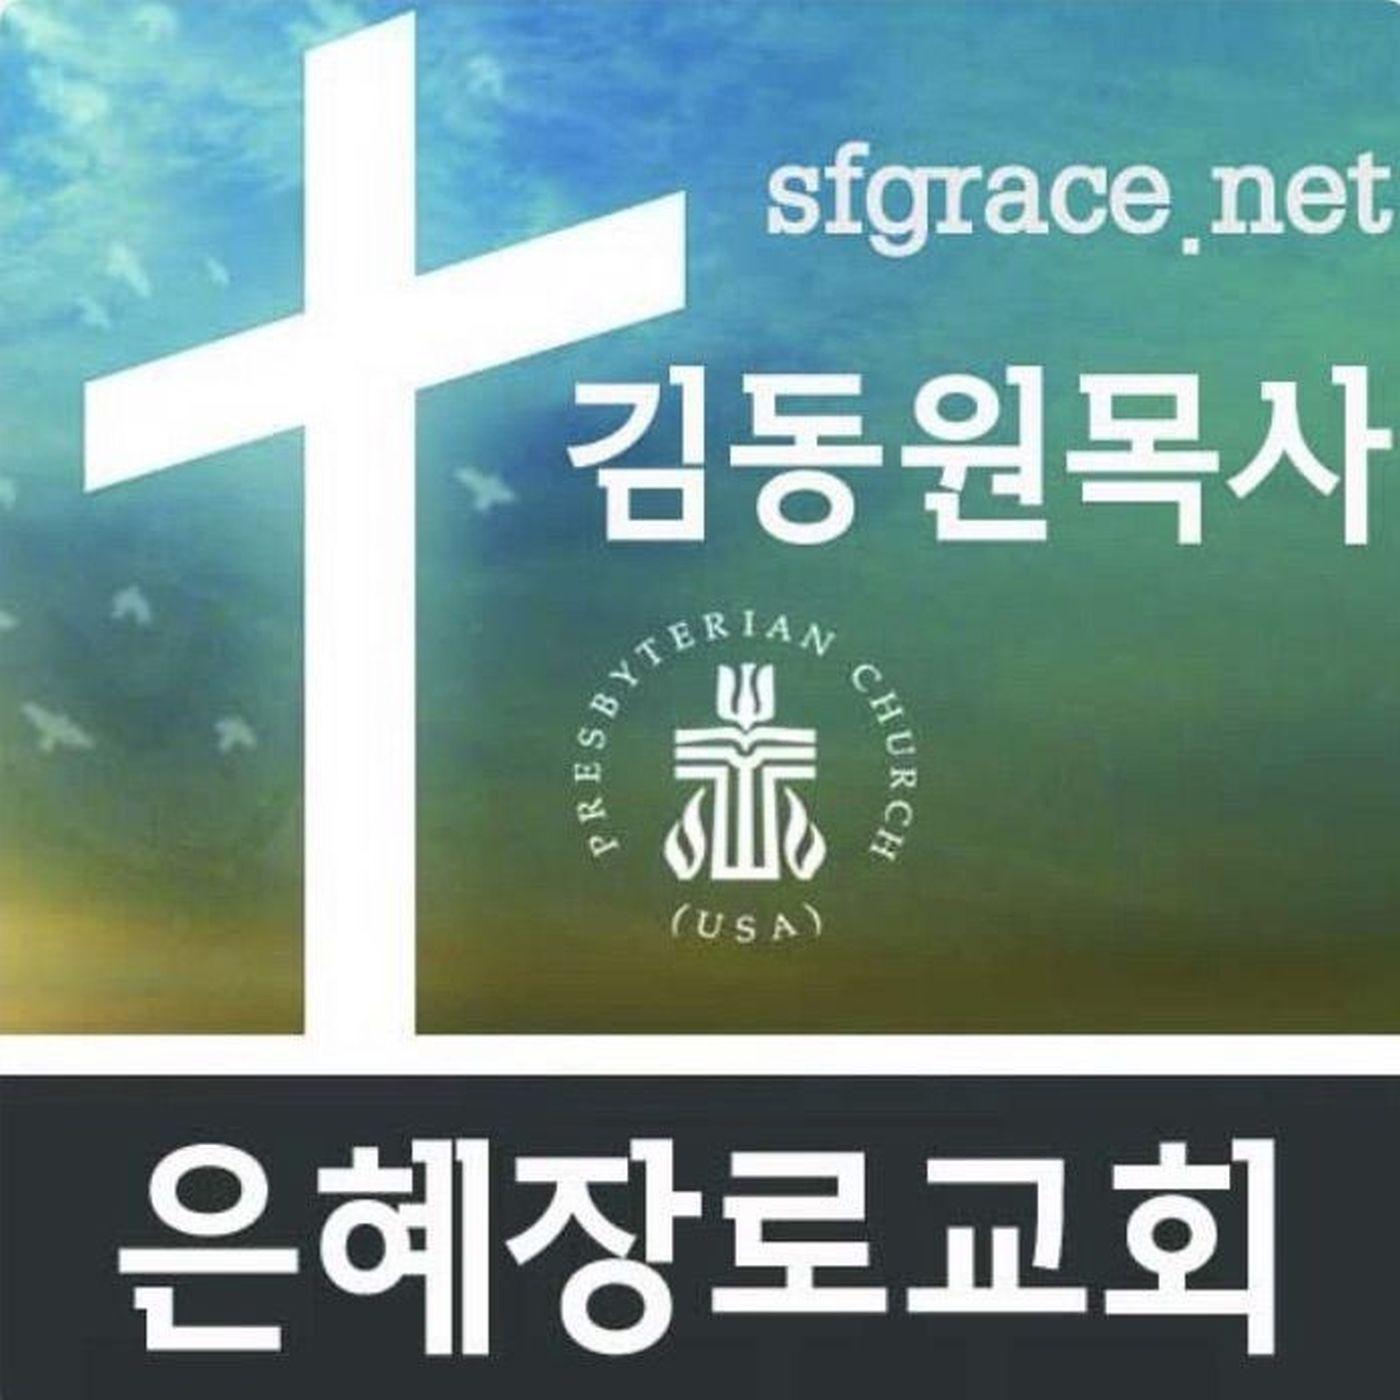 샌프란시스코 은혜장로교회 김동원 목사의 설교 팟캐스트(sfgrace.net)